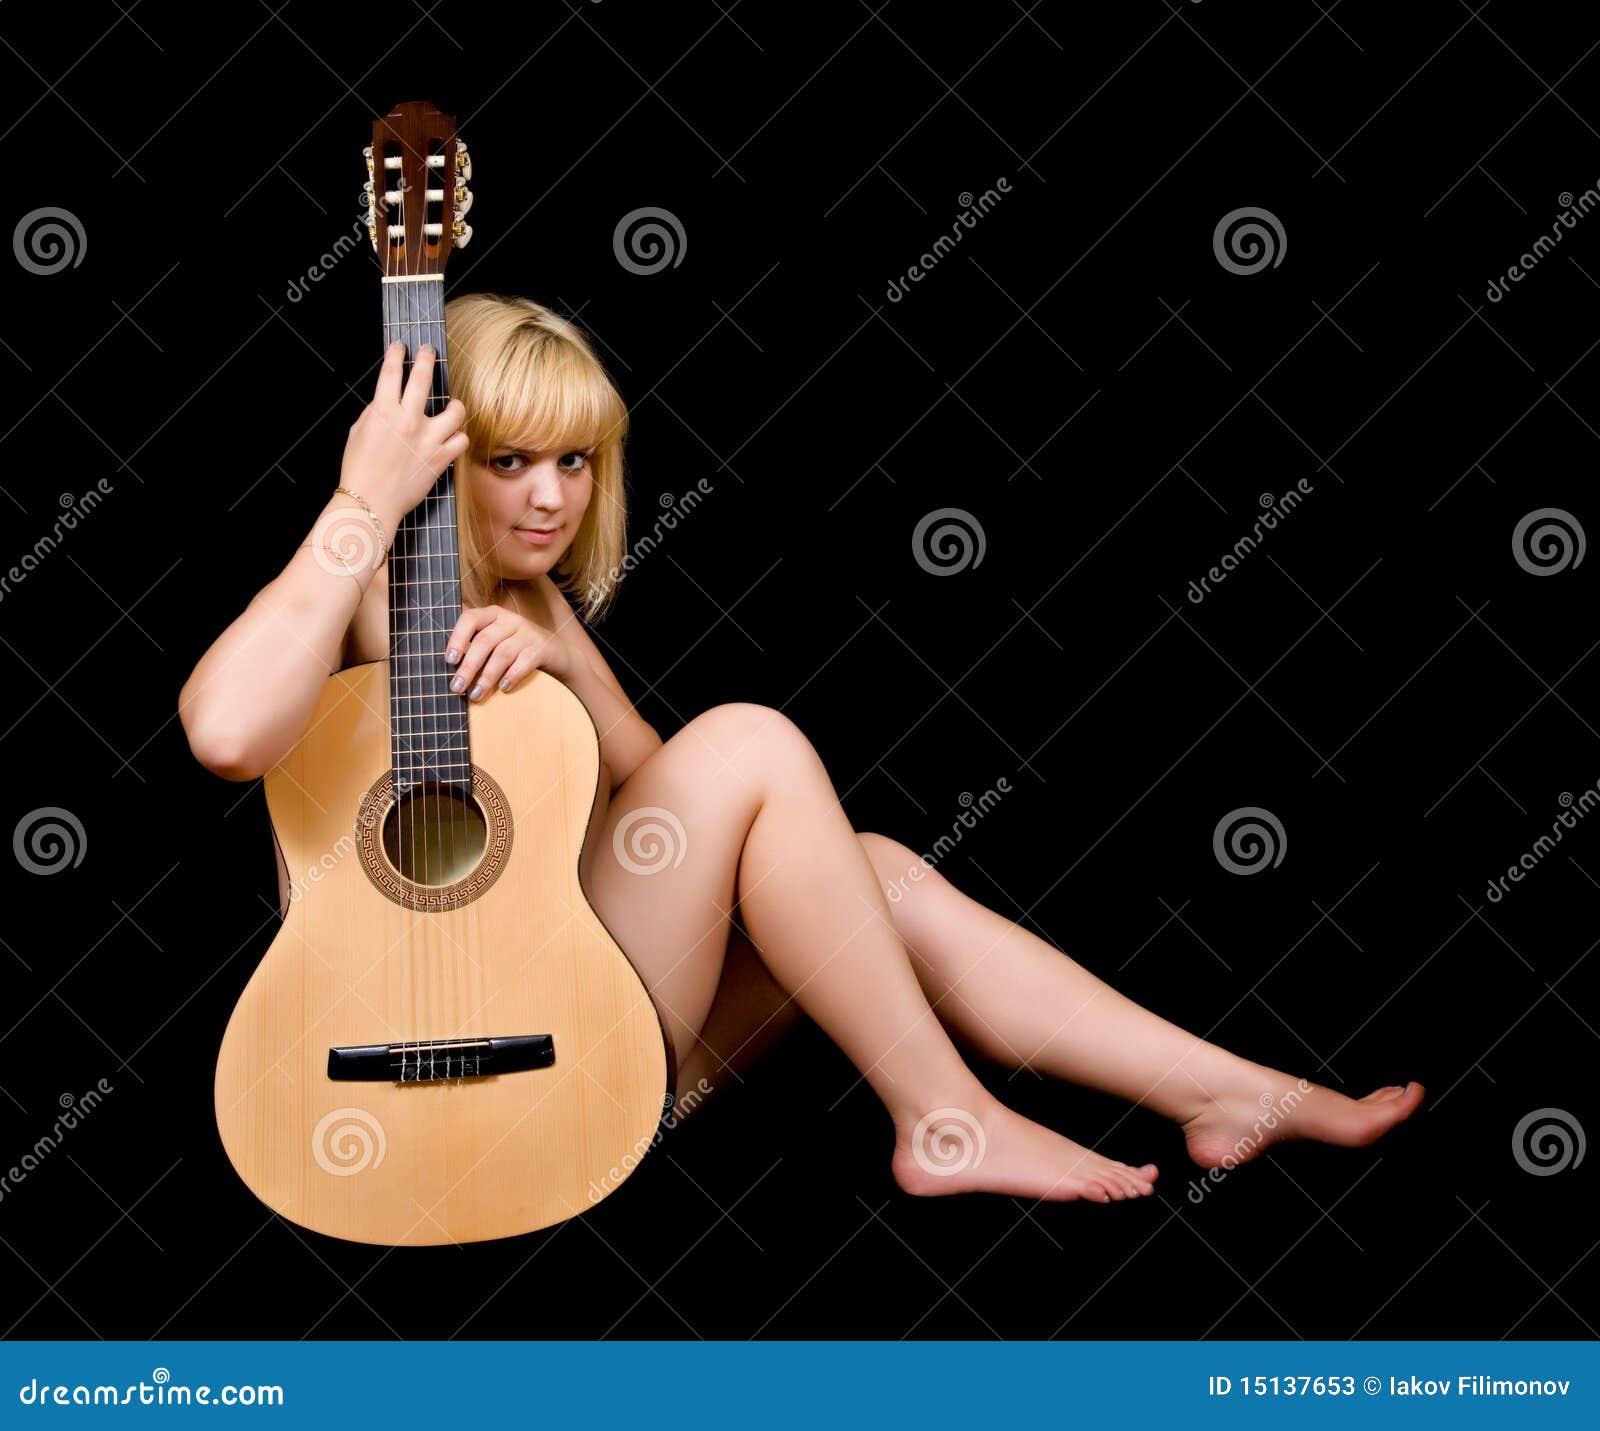 Девушки и акустика фото